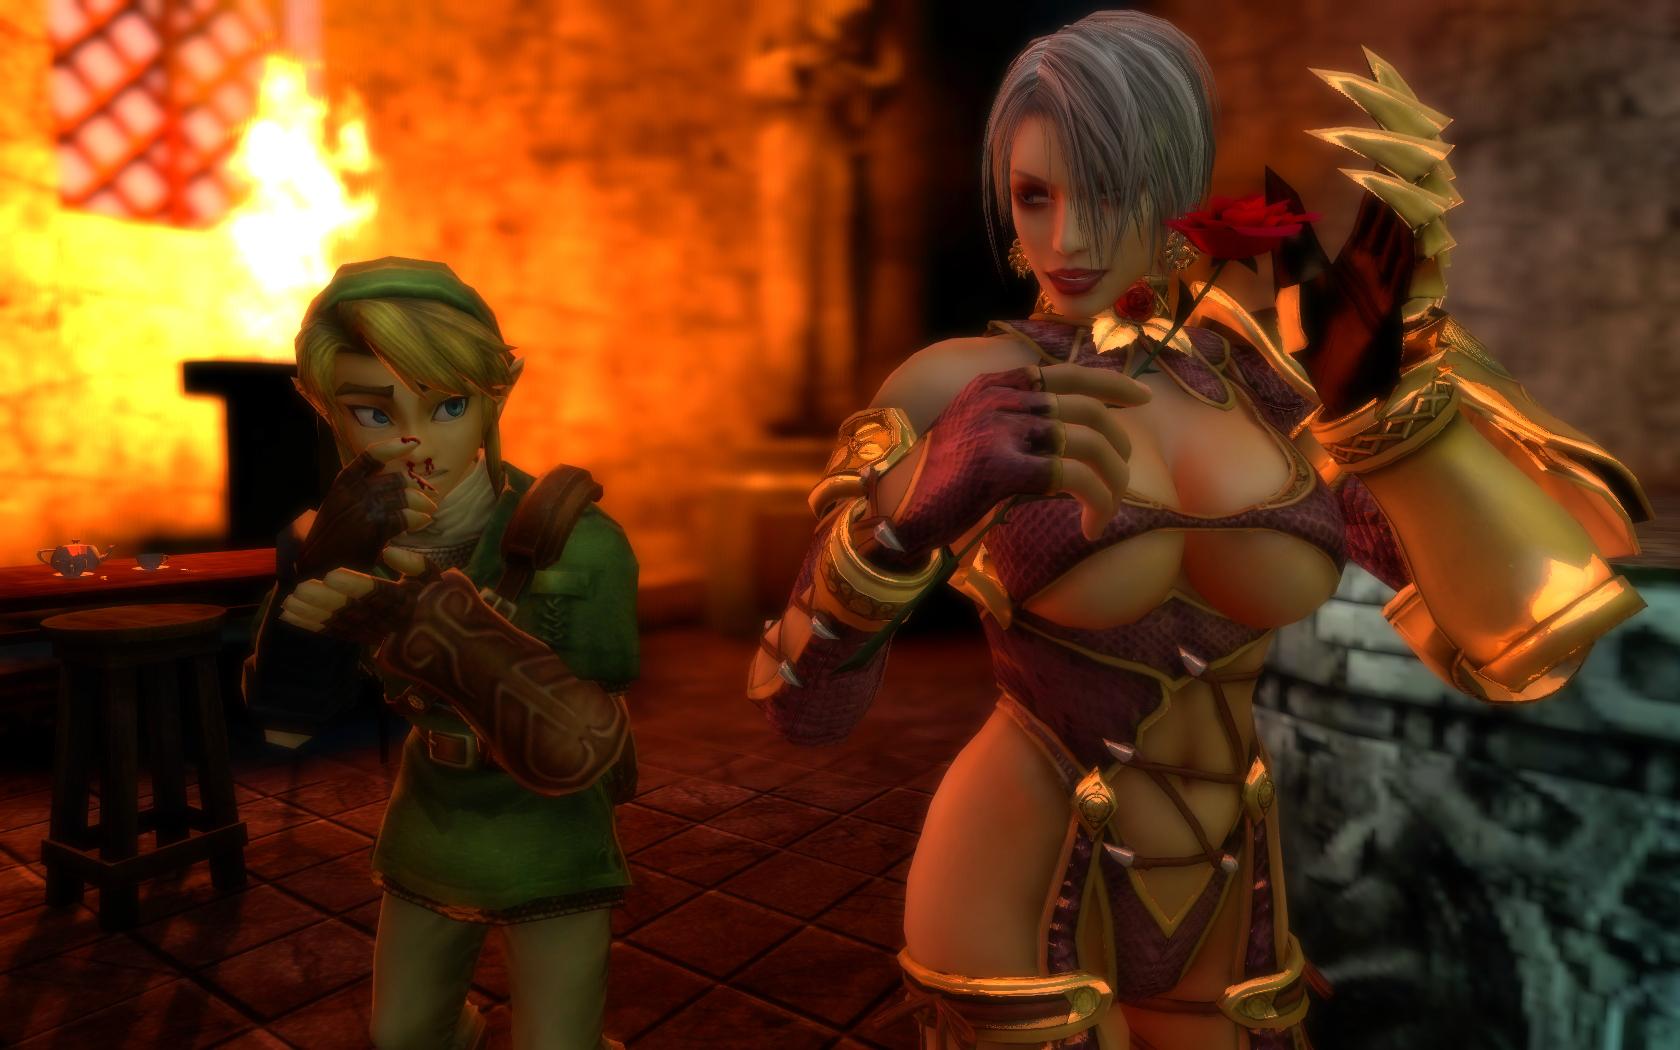 Zelda hentai mod erotic images